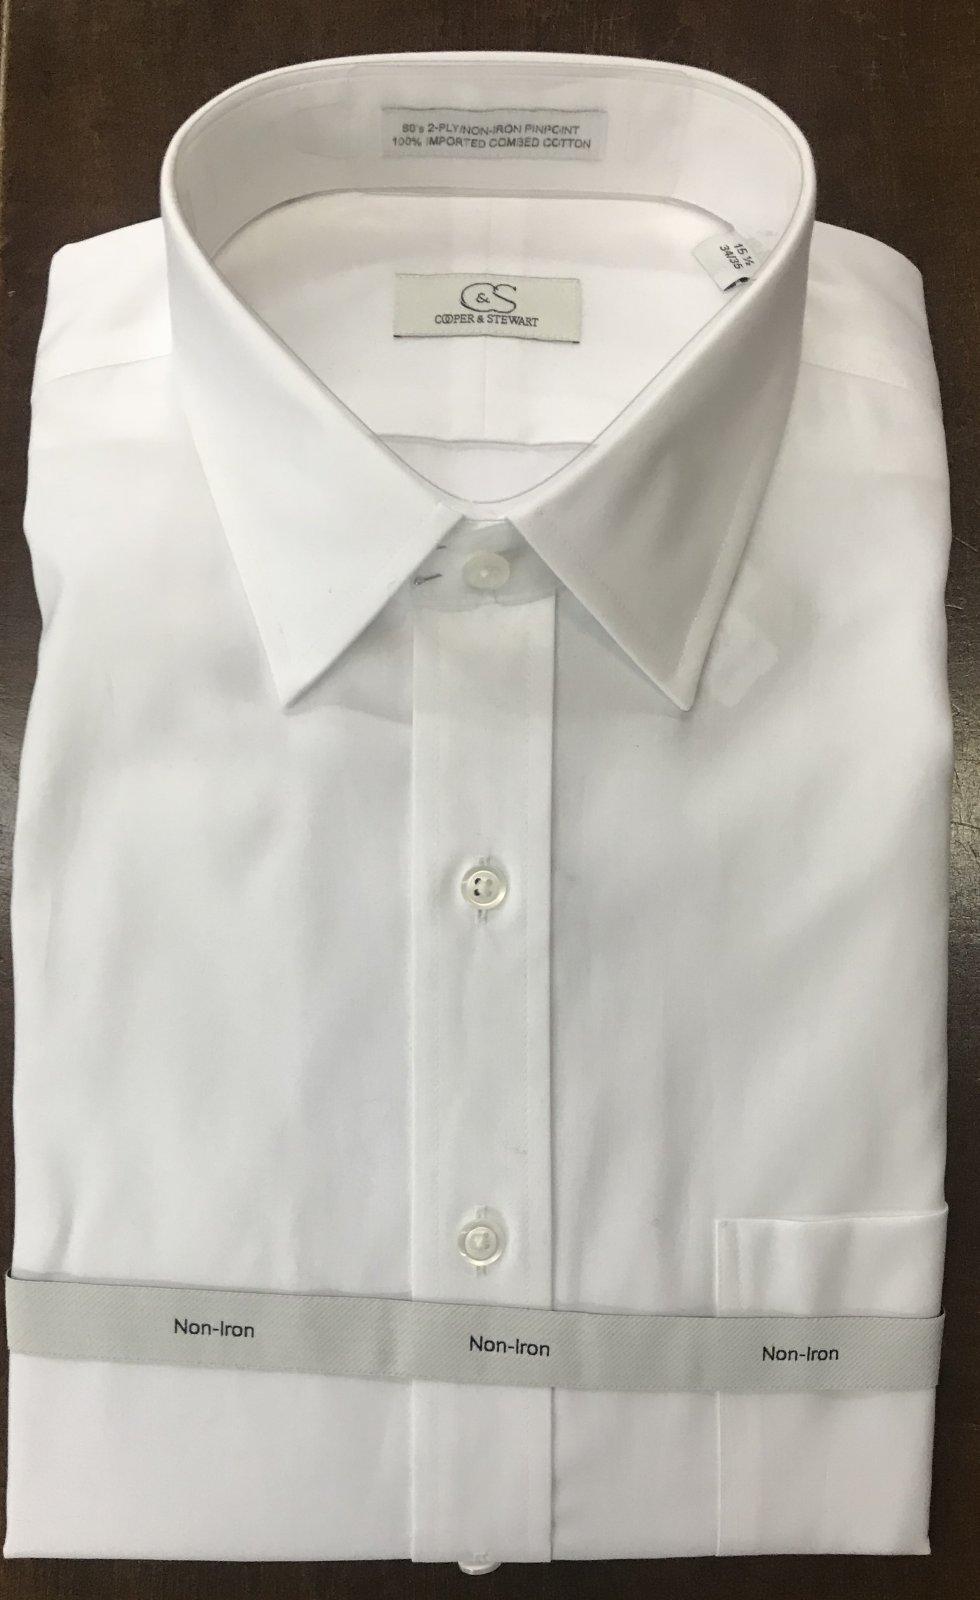 Cooper & Stewart Tailored LS Dress Shirt